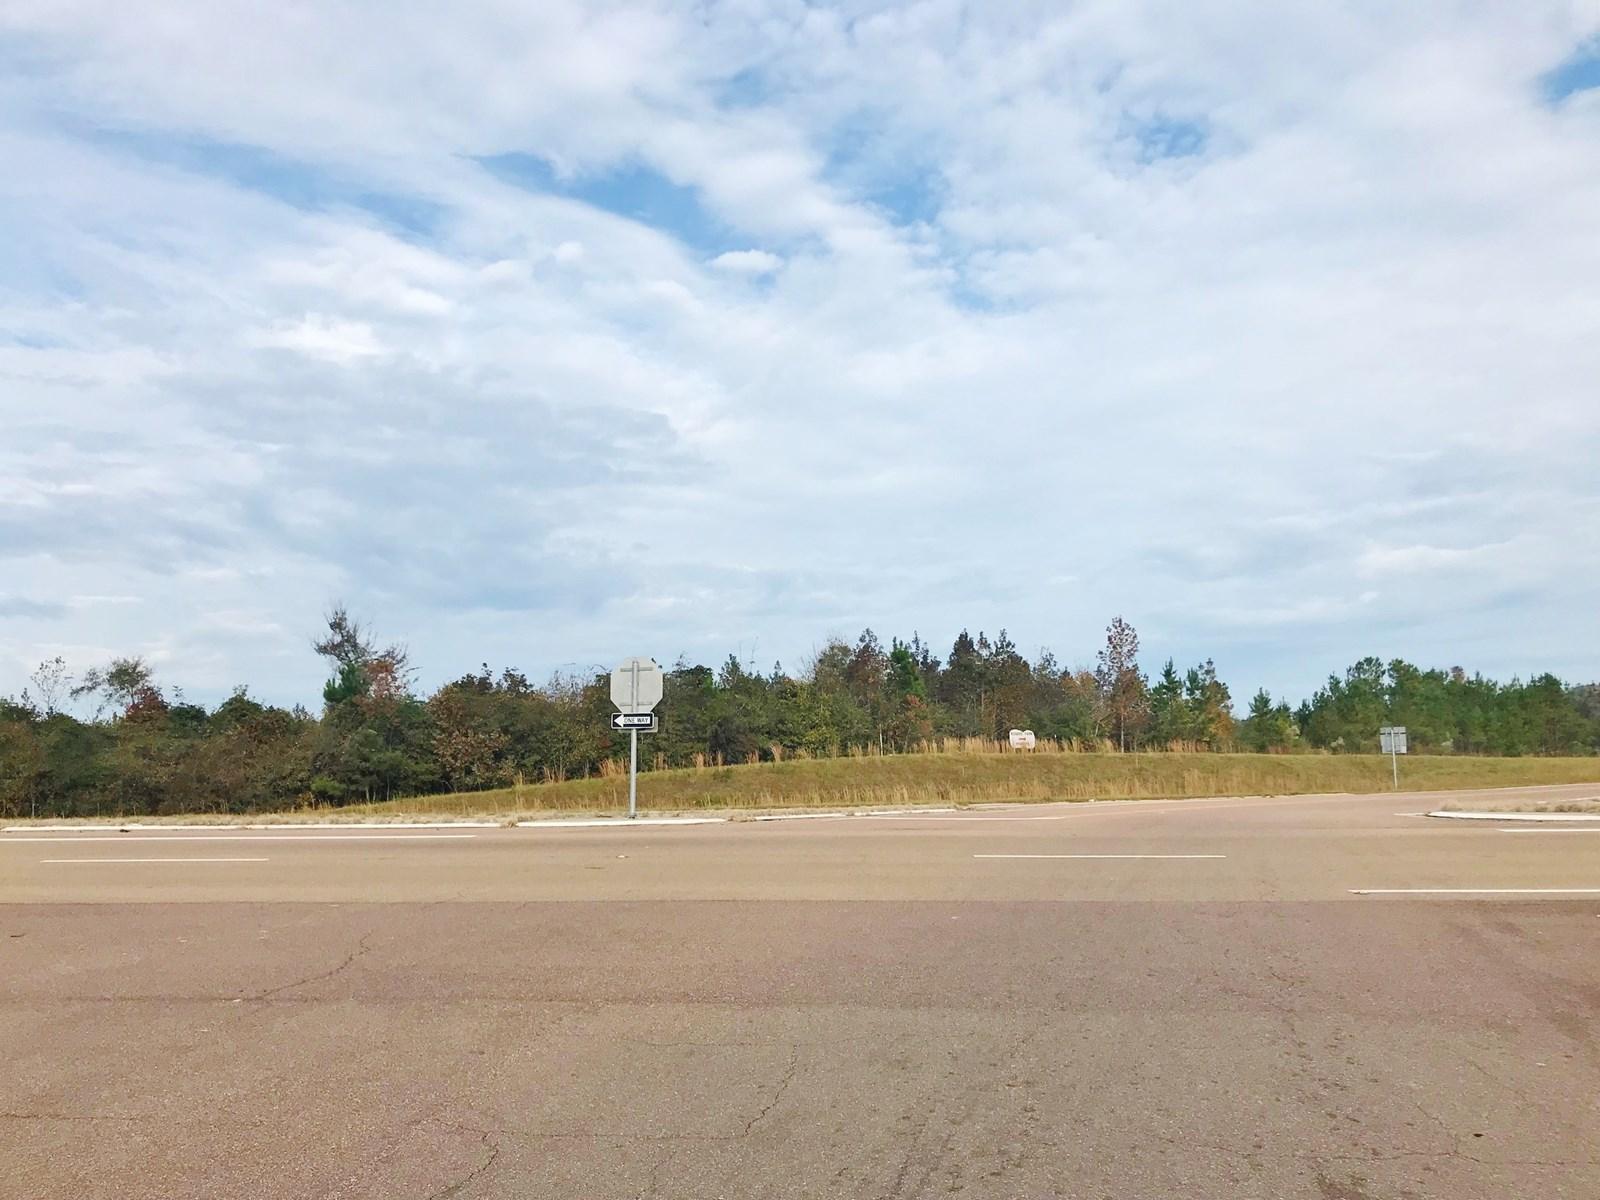 35 Acre Commercial Development Land for Sale Covington Co MS